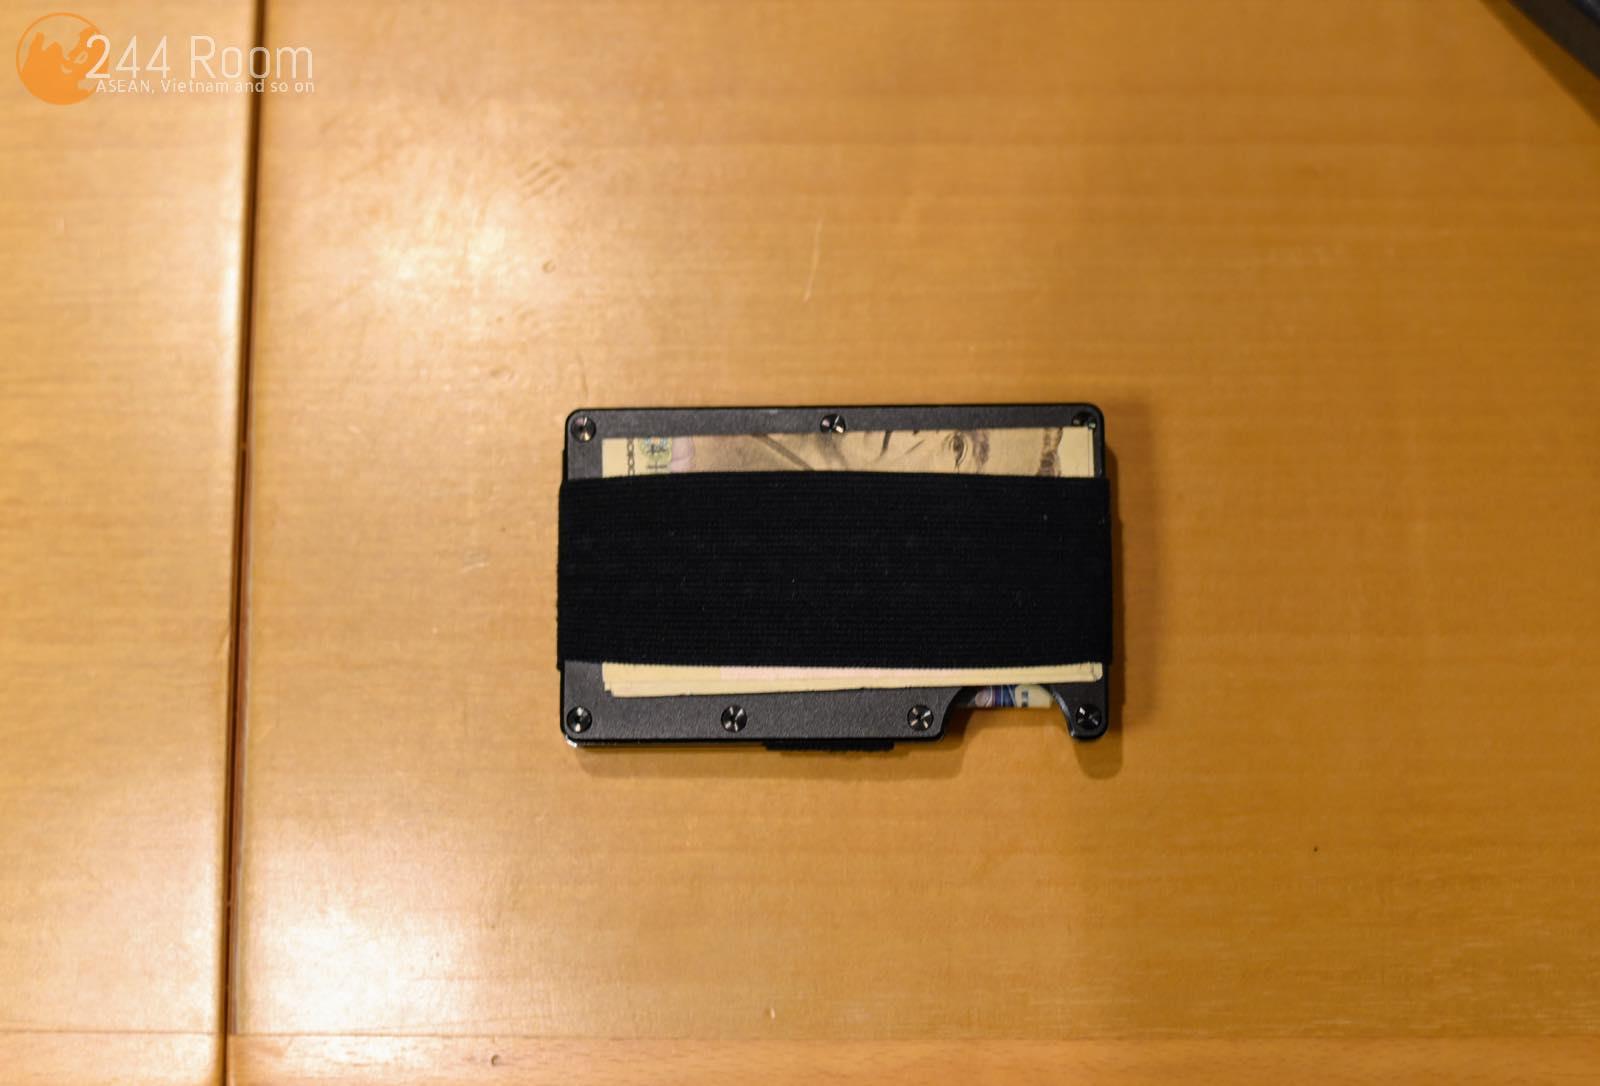 ザリッジマネーバンド theRIDGE elastic money clip